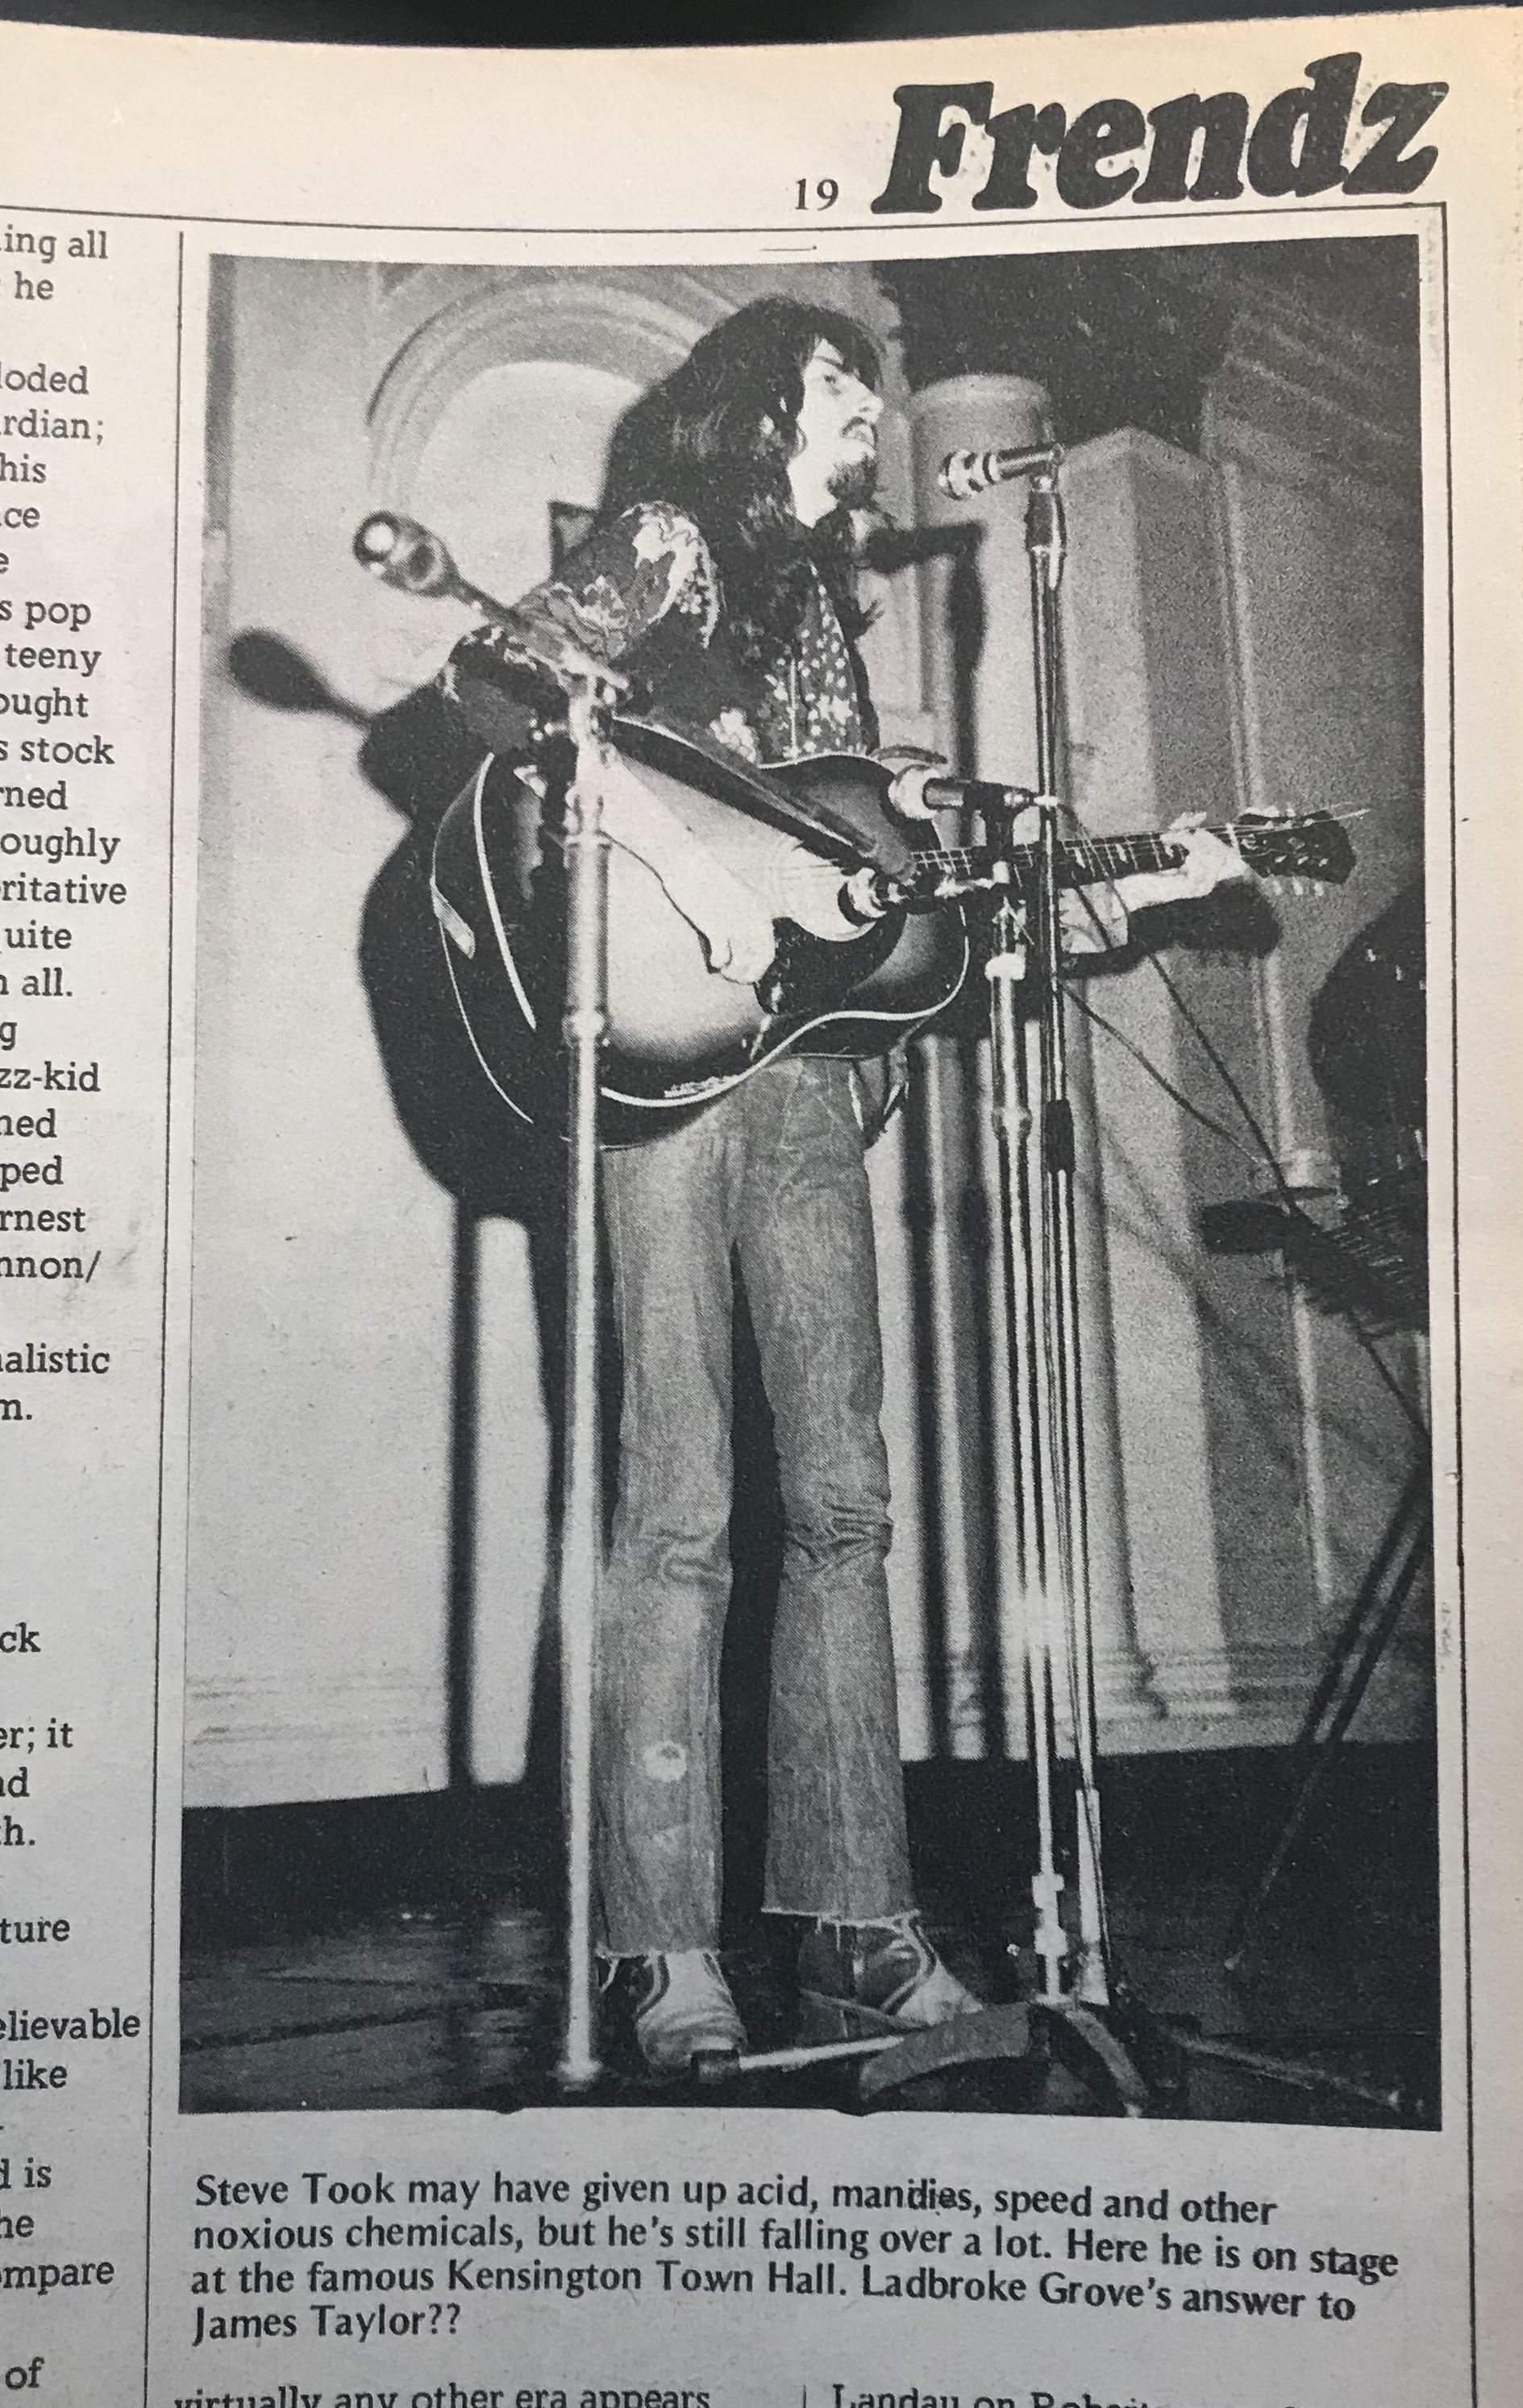 Falling over (again),  Frendz  #17 (December 23, 1971)